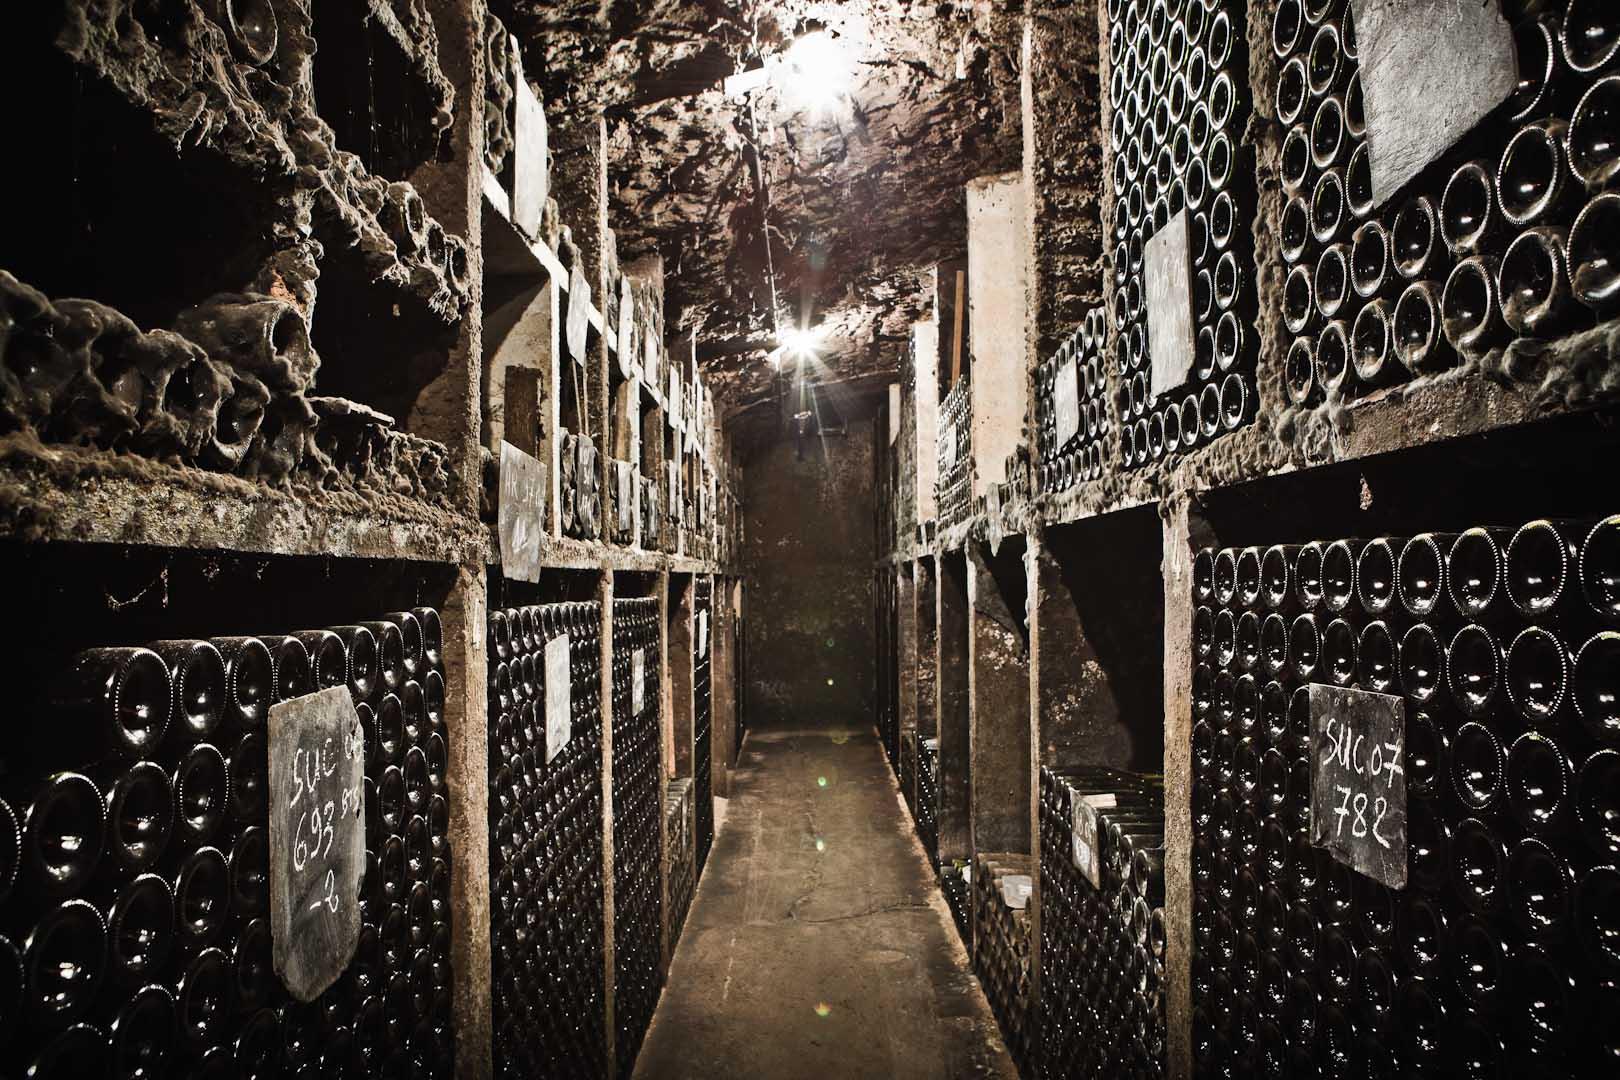 078_cellar__mg_9336.jpg